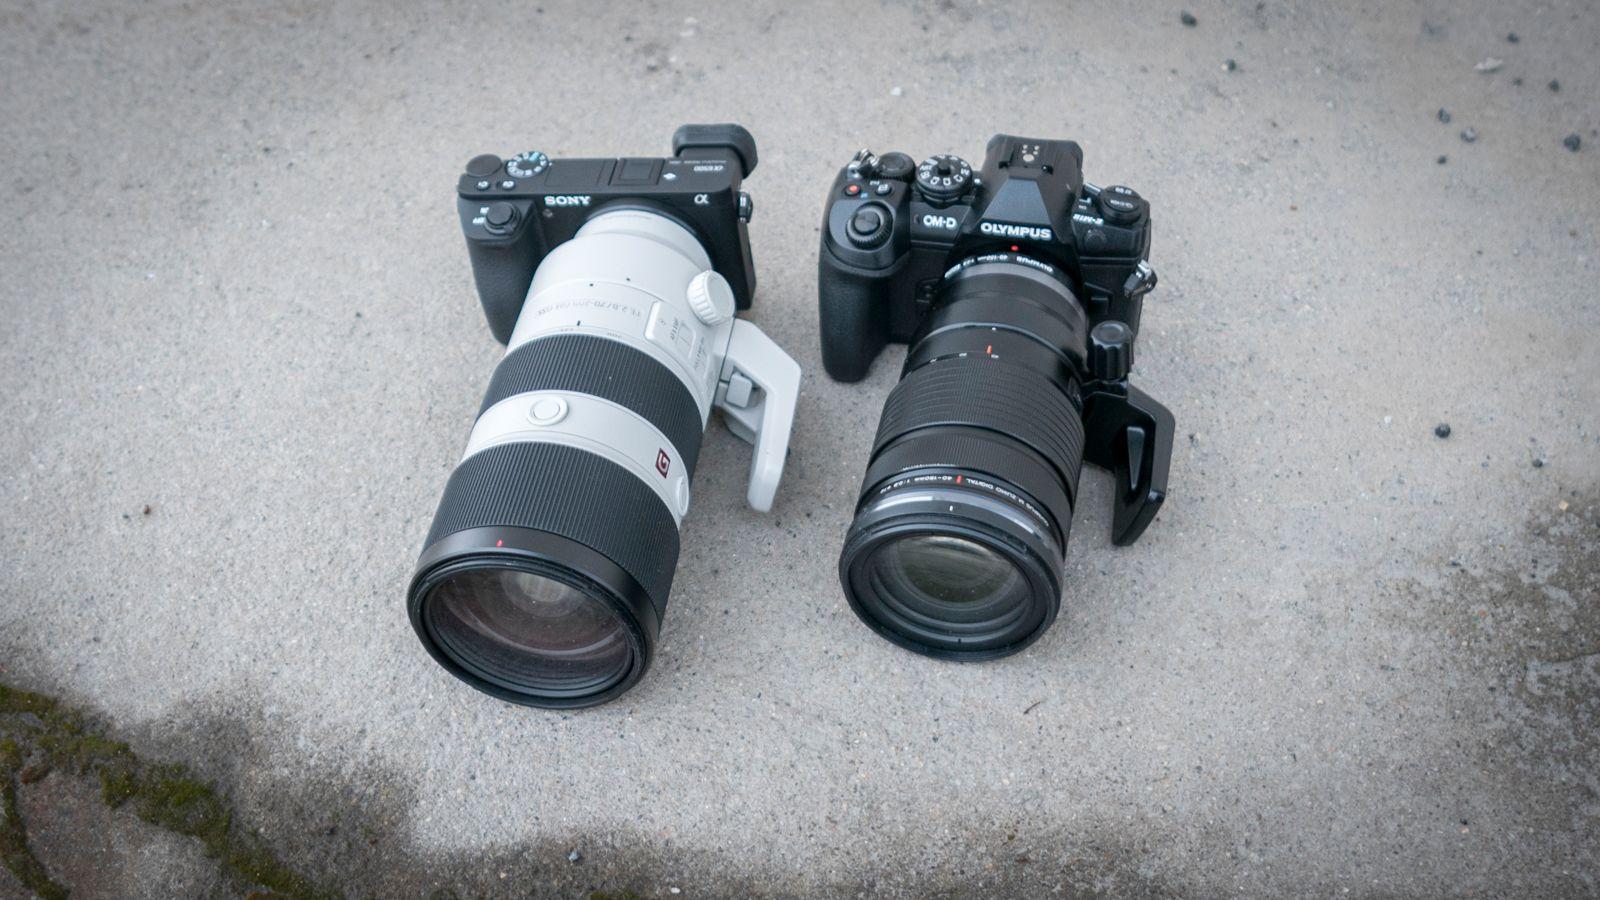 a6500 (t.v.) er et veldig kompakt systemkamera, men omtrent all av Sonys gode optikk og lyssterke optikk er designet for fullformat, og da forsvinner «kompakthetsargumentet» raskt ut av vinduet. Her plassert ved siden av Olympus OM-D E-M1 II med objektiver med samme blenderåpning og effektive brennvidde.